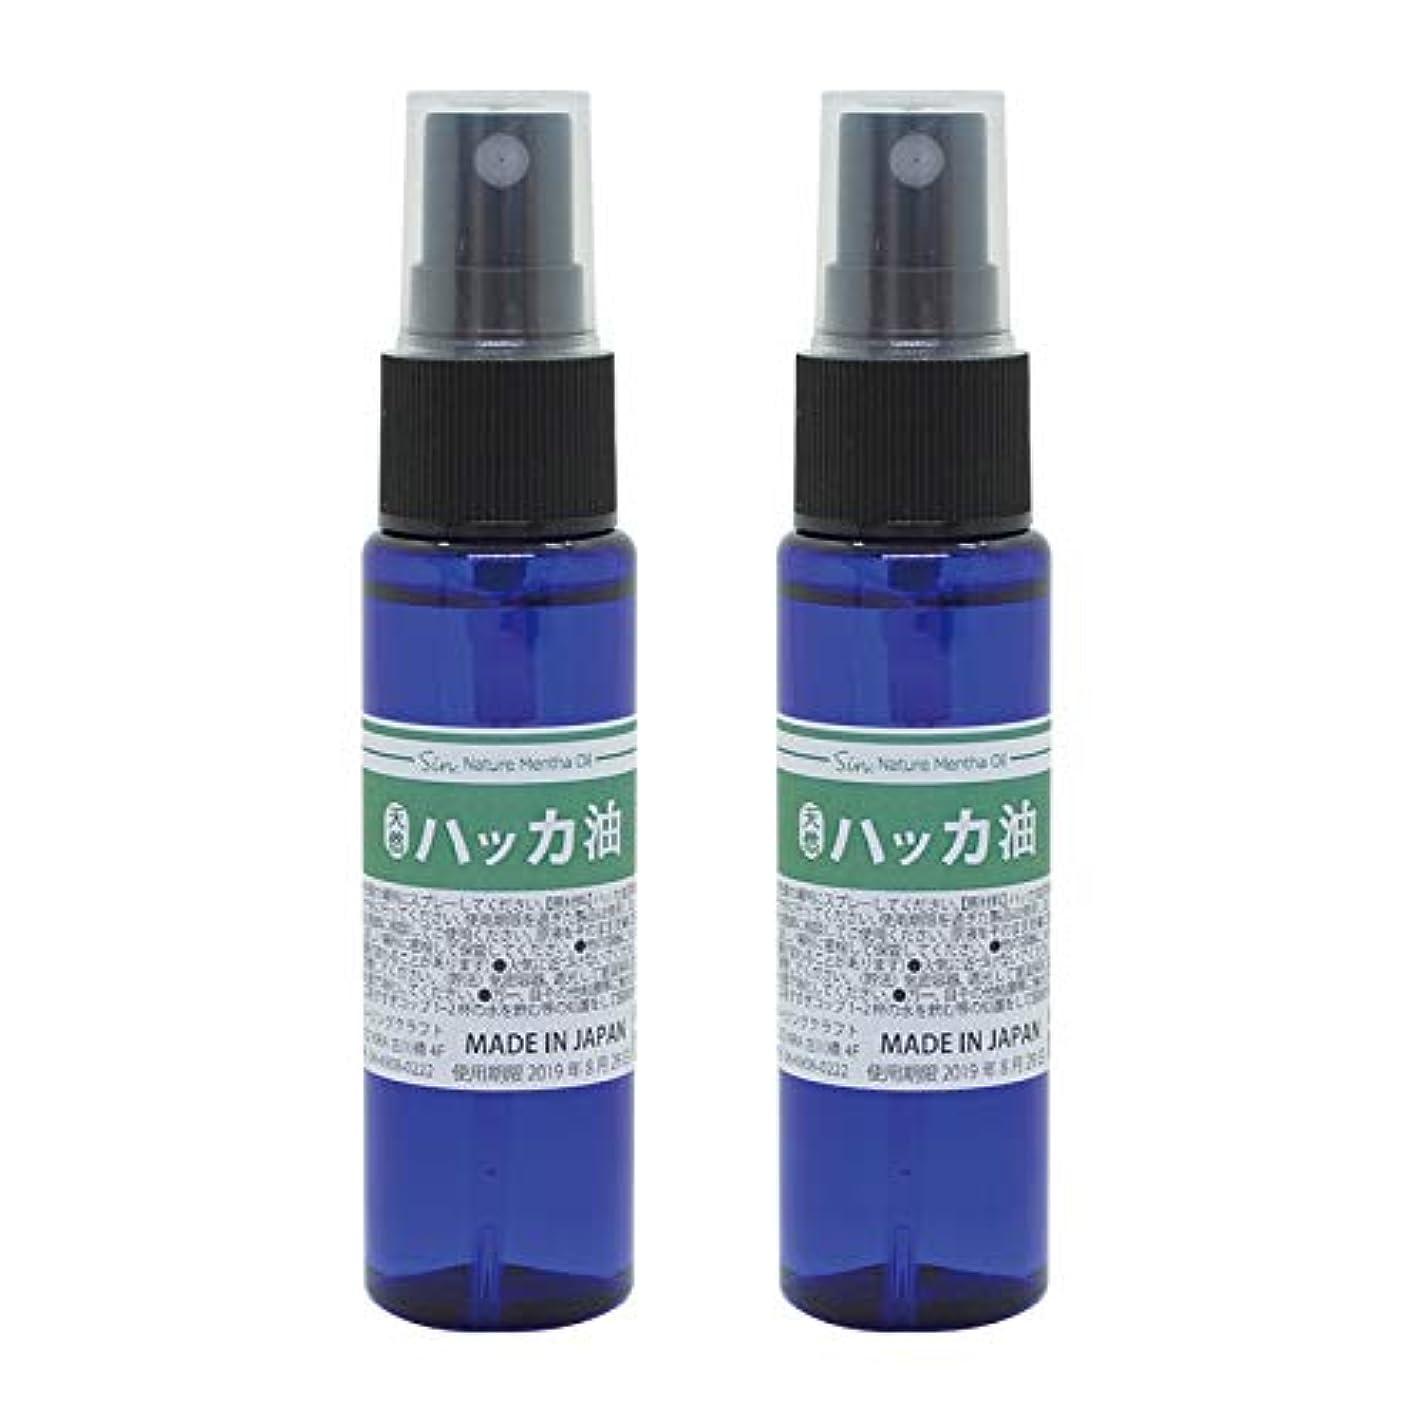 装置そして光沢のある日本製 天然ハッカ油(ハッカオイル) スプレー 30mL×2本